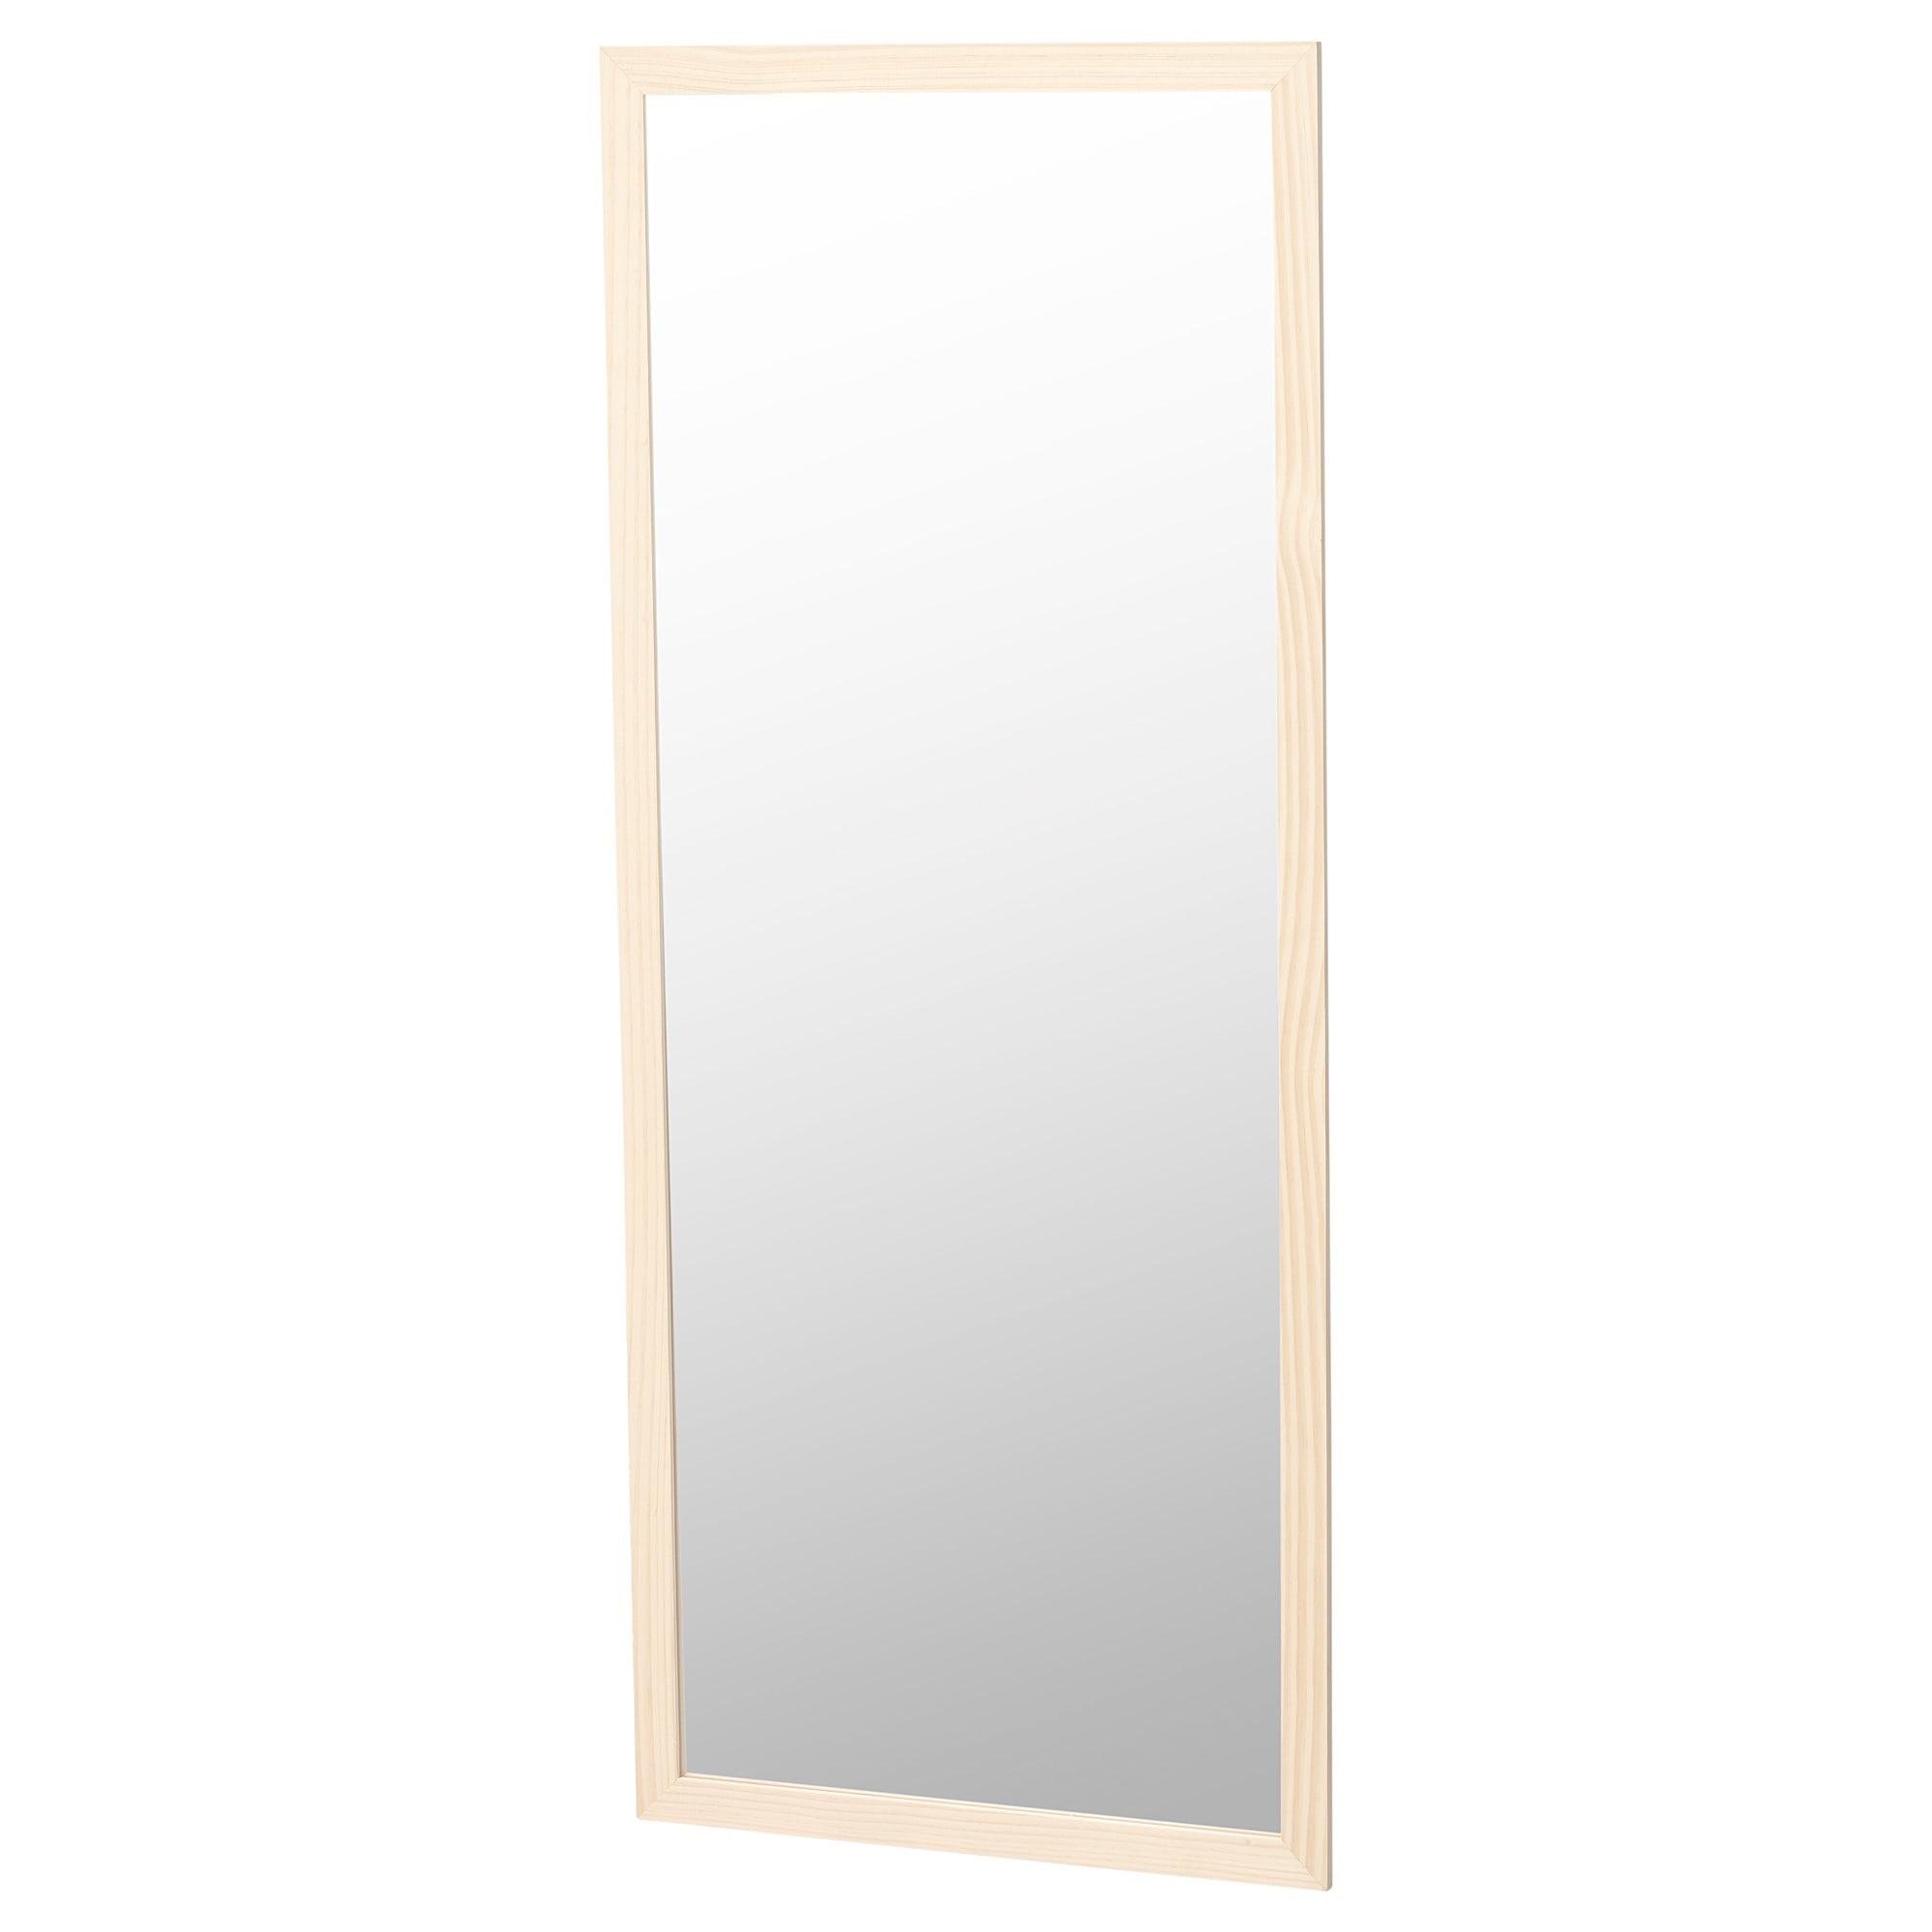 Зеркало НЕЛАУГ артикуль № 403.792.26 в наличии. Интернет сайт IKEA Республика Беларусь. Недорогая доставка и установка.